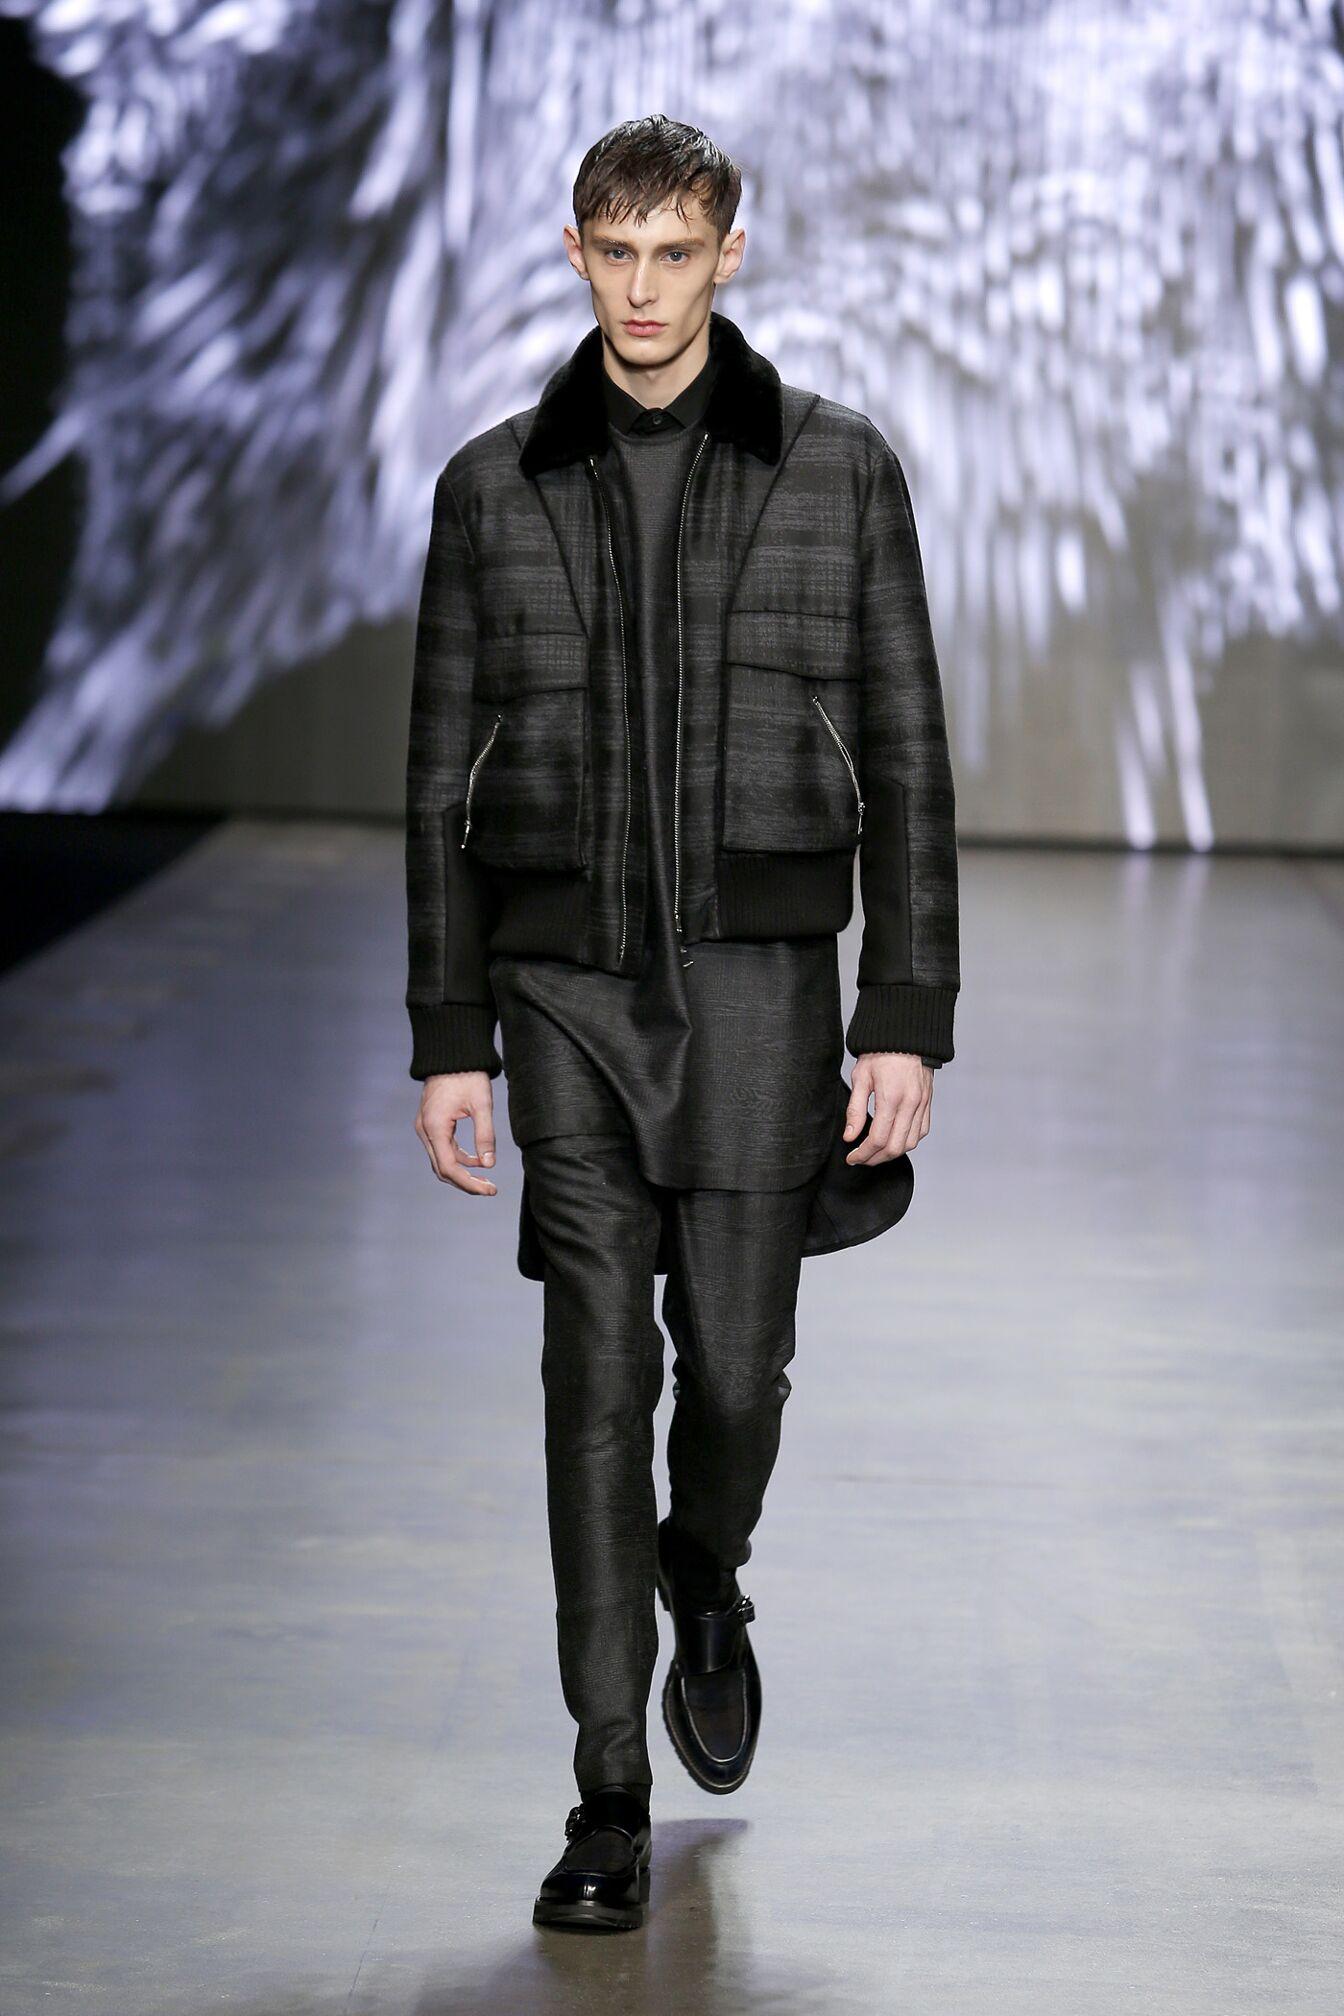 Fall Fashion 2014 2015 Iceberg